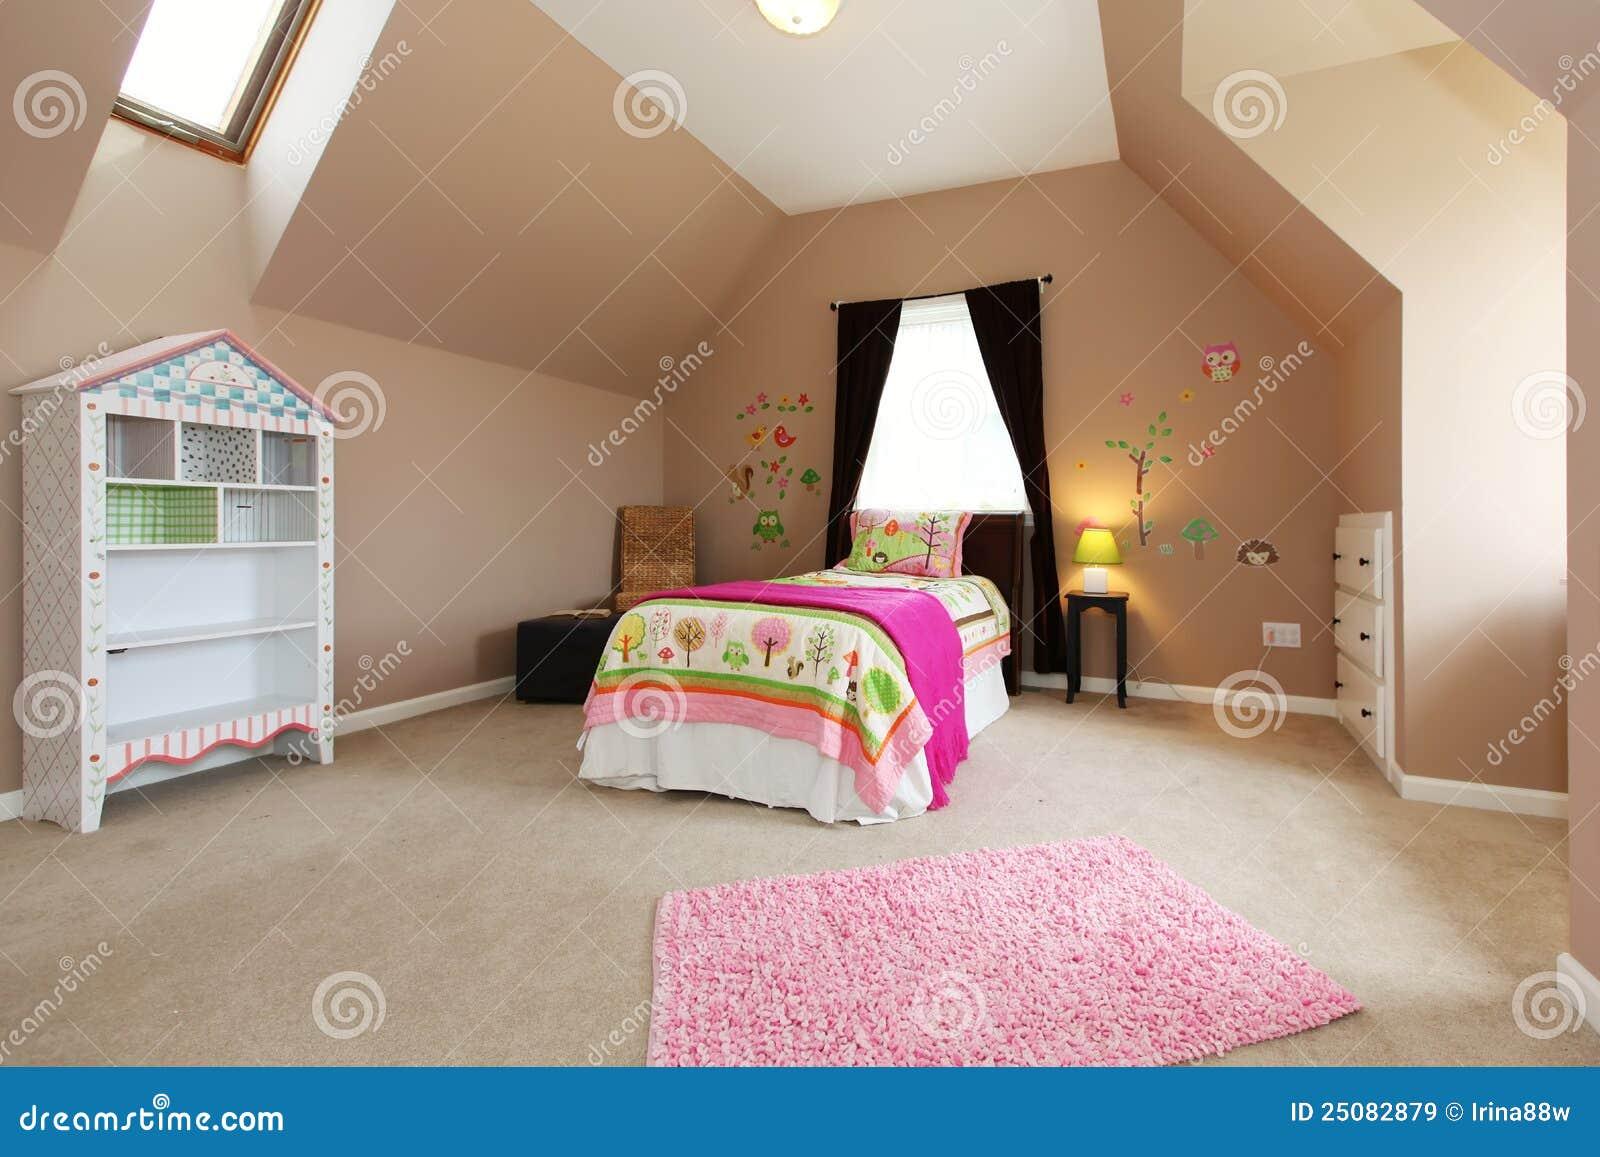 Baby Scherzt Schlafzimmer Mit Rosafarbenem Bett. Stockbild - Bild ...